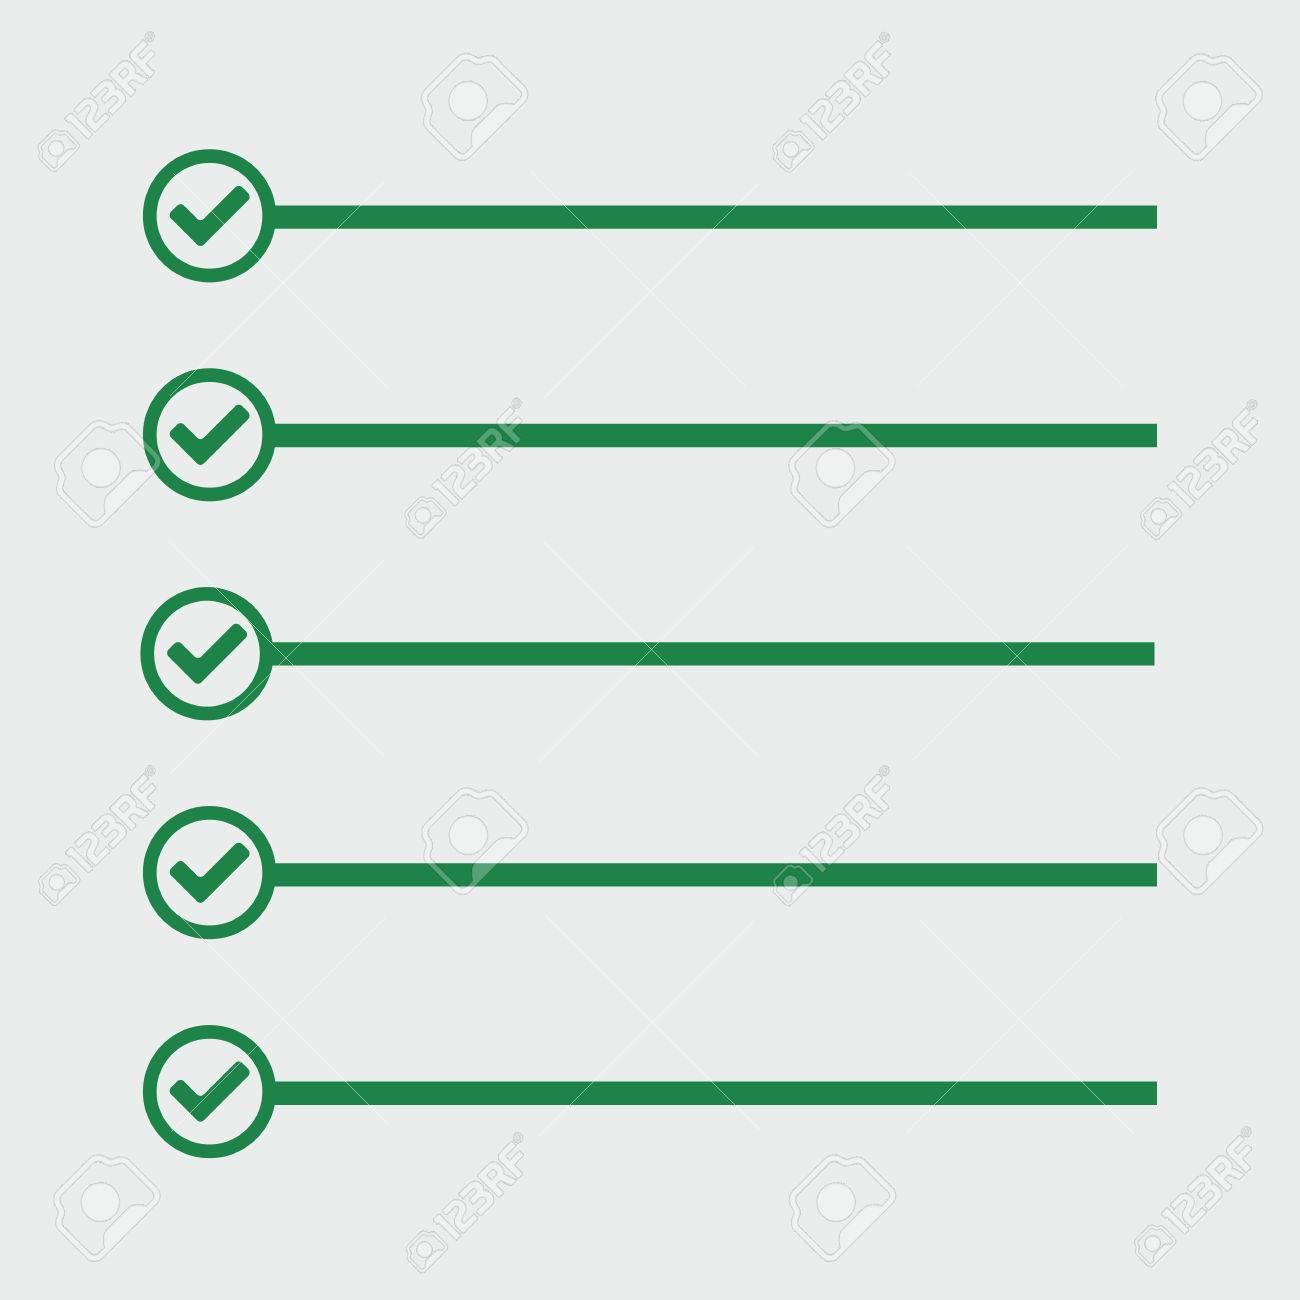 Lista De Quehaceres. Las Líneas Con Casillas De Verificación. Lista ...